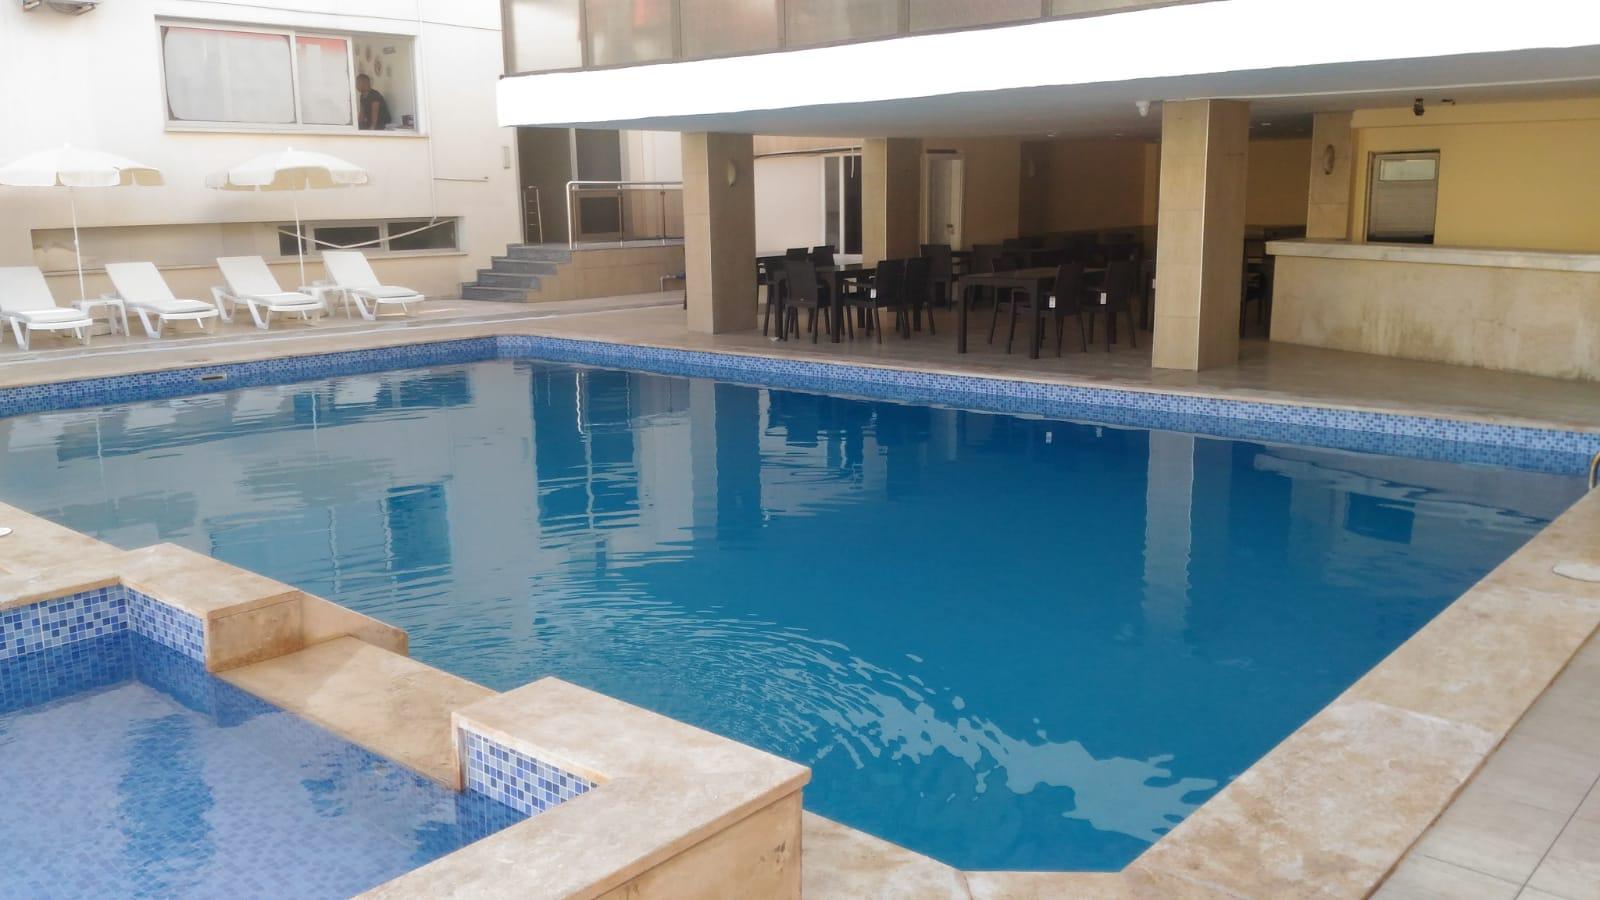 Letovanje Turska autobusom, Kusadasi, Hotel Roxx Royal ex Santur,spoljašnji izgled bazena